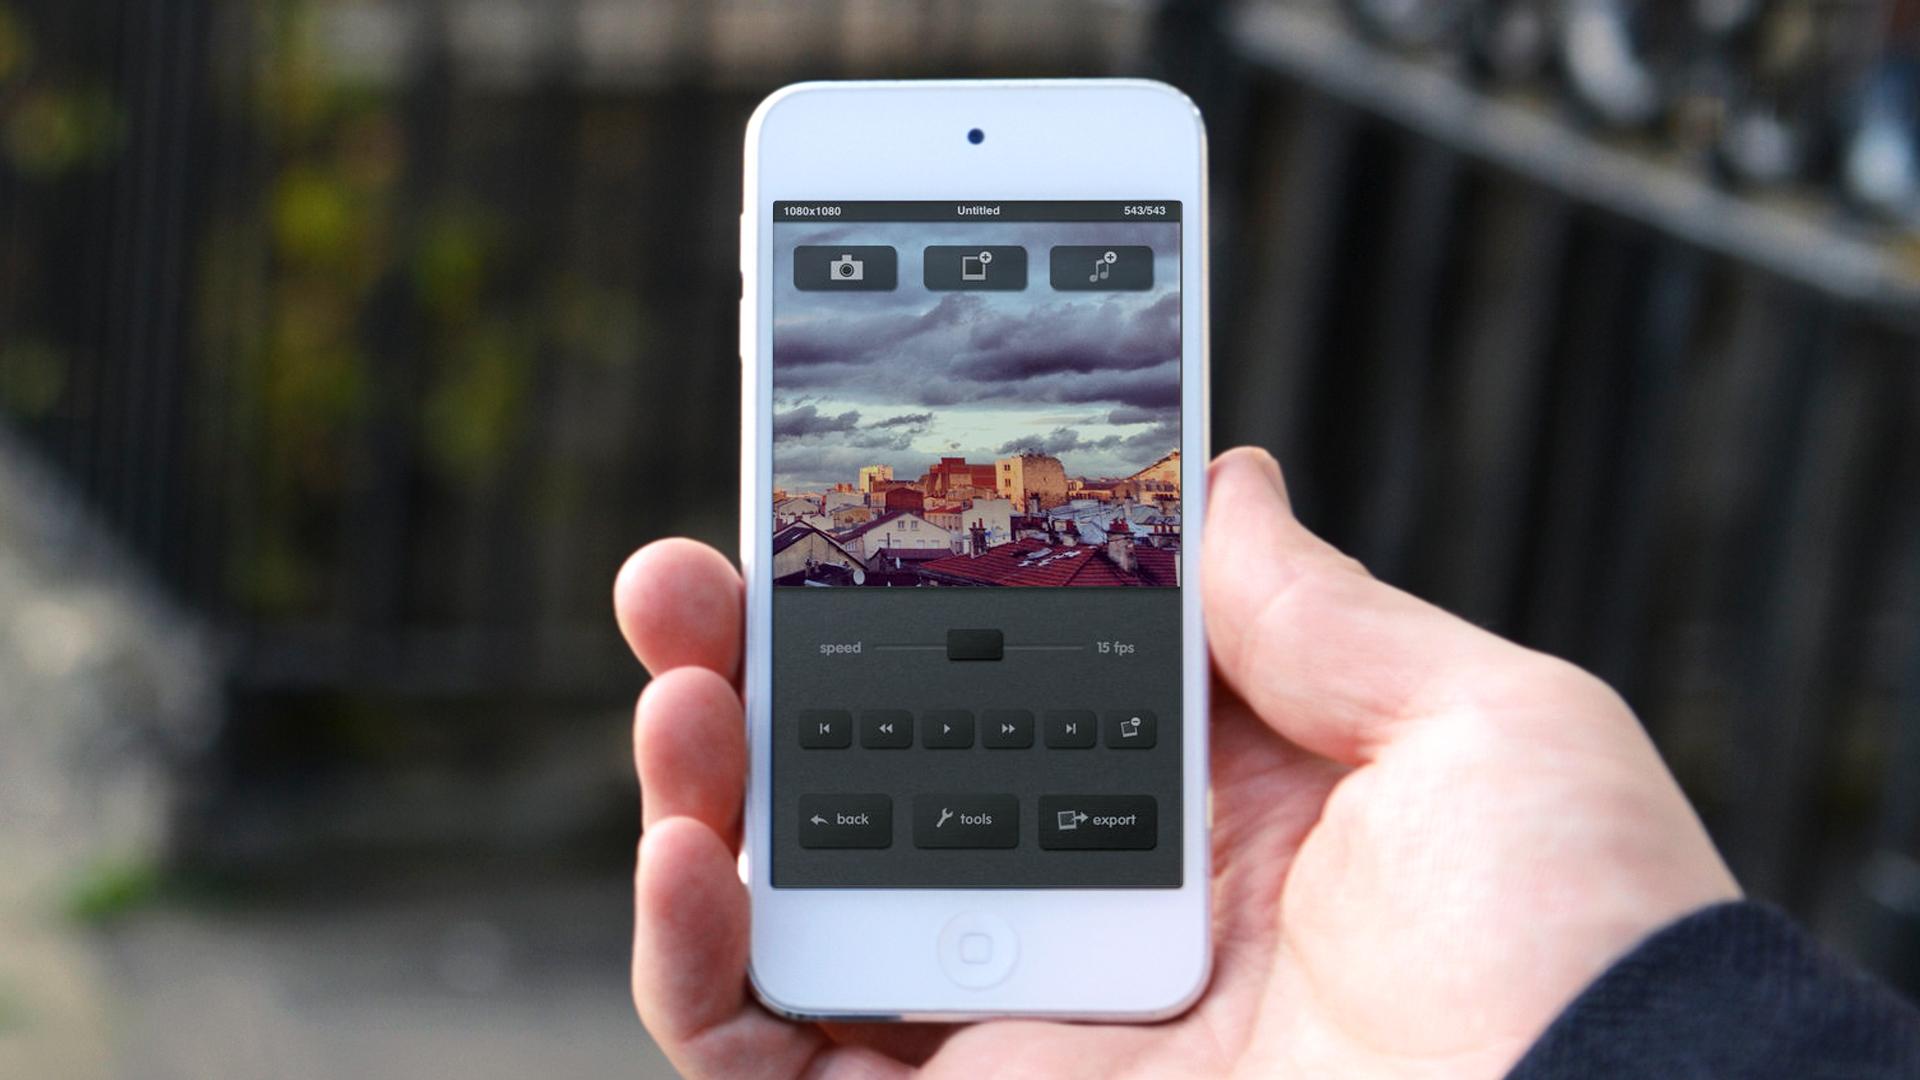 iphone spy apps uk